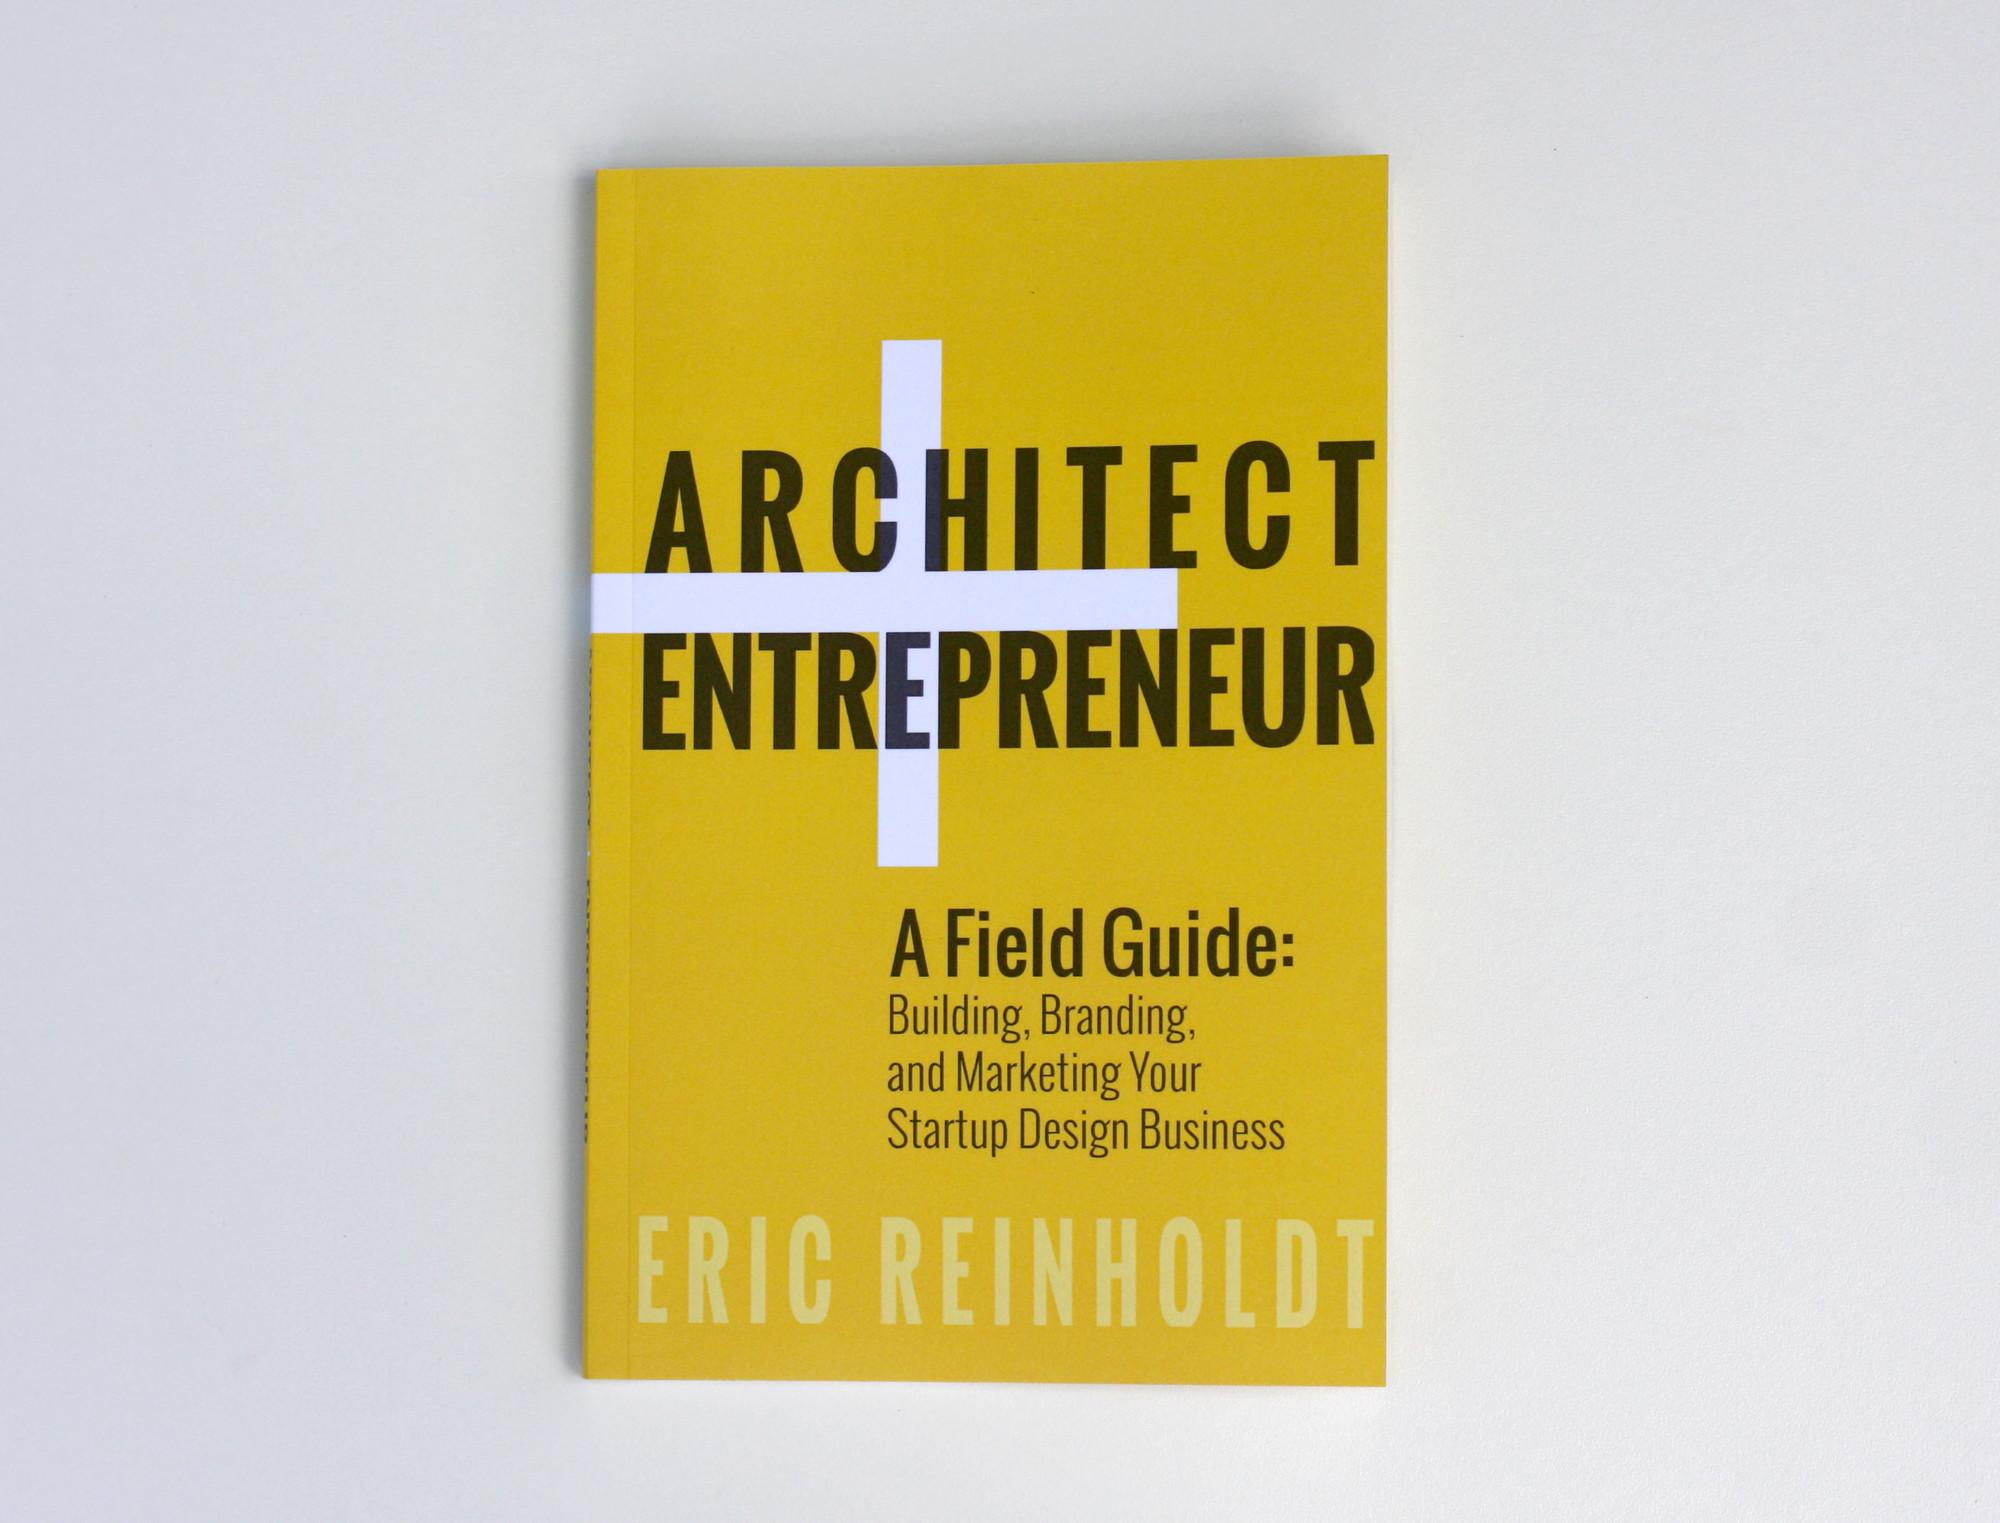 Entrepreneurship - Magazine cover